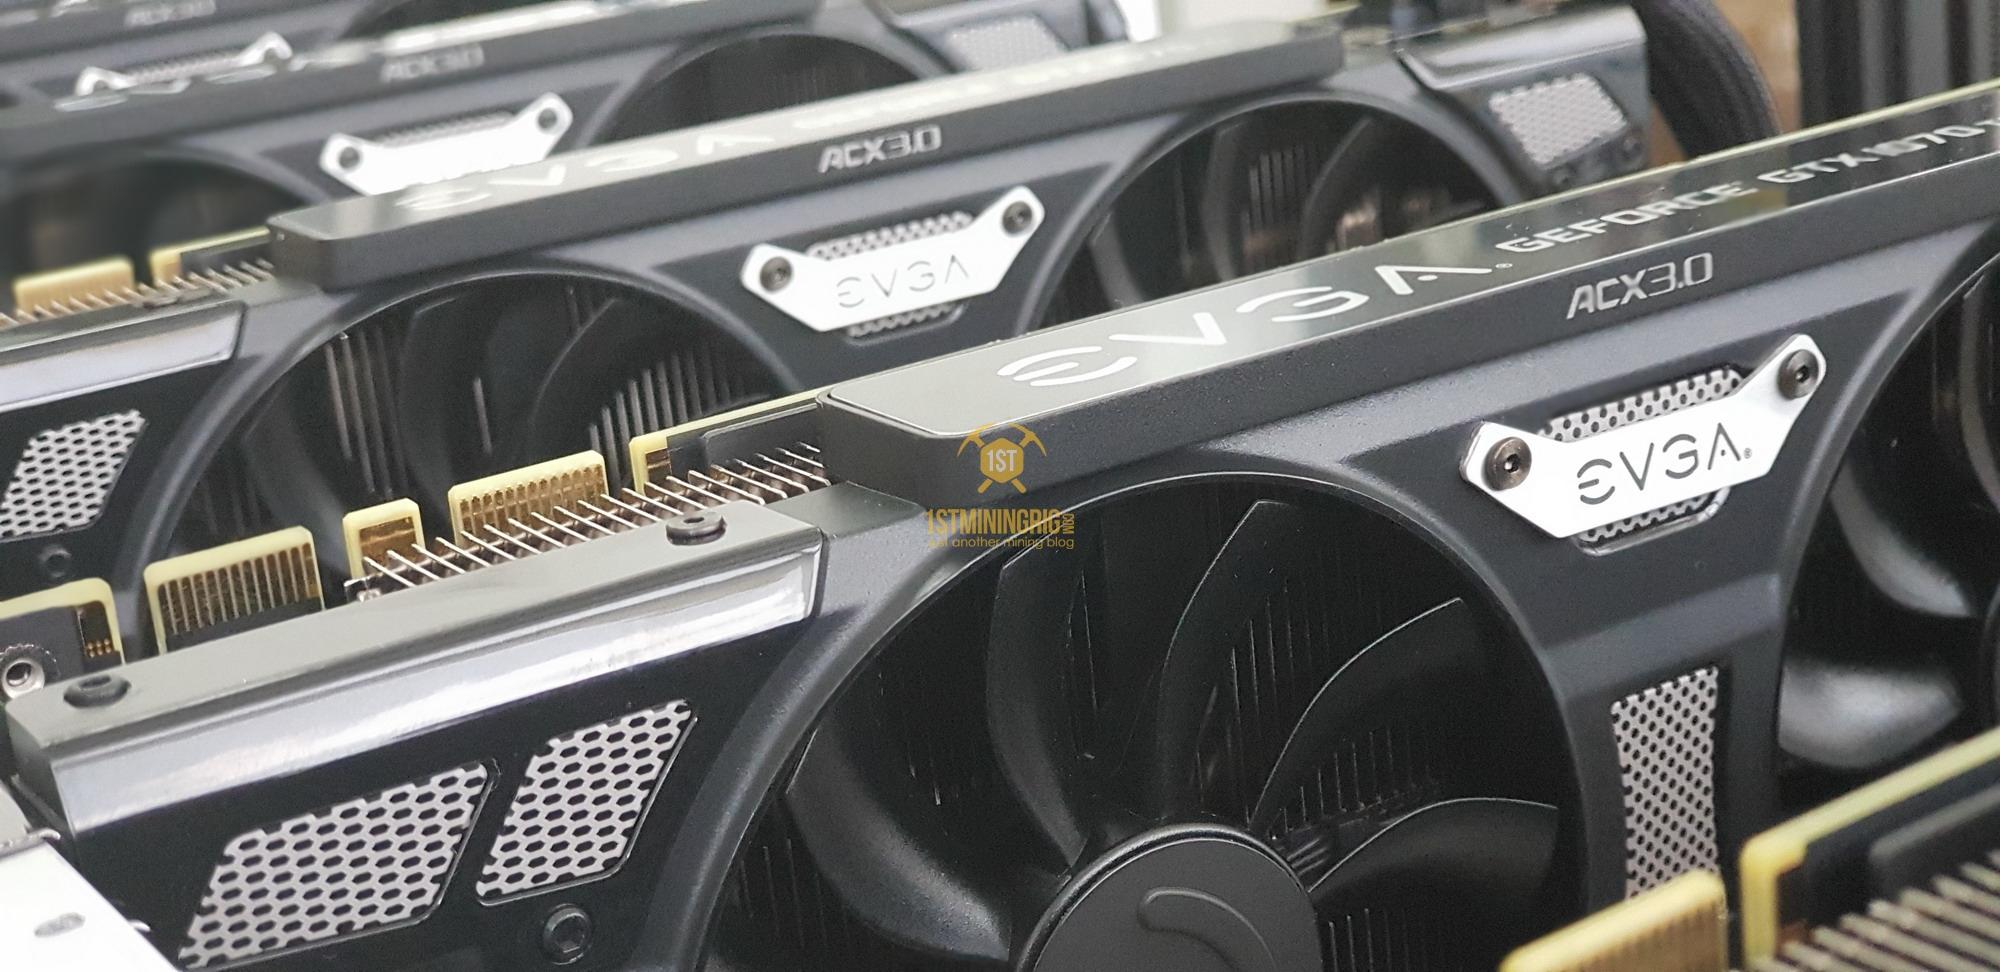 EVGA GTX 1070 Ti SC Gaming Black Edition - Mining